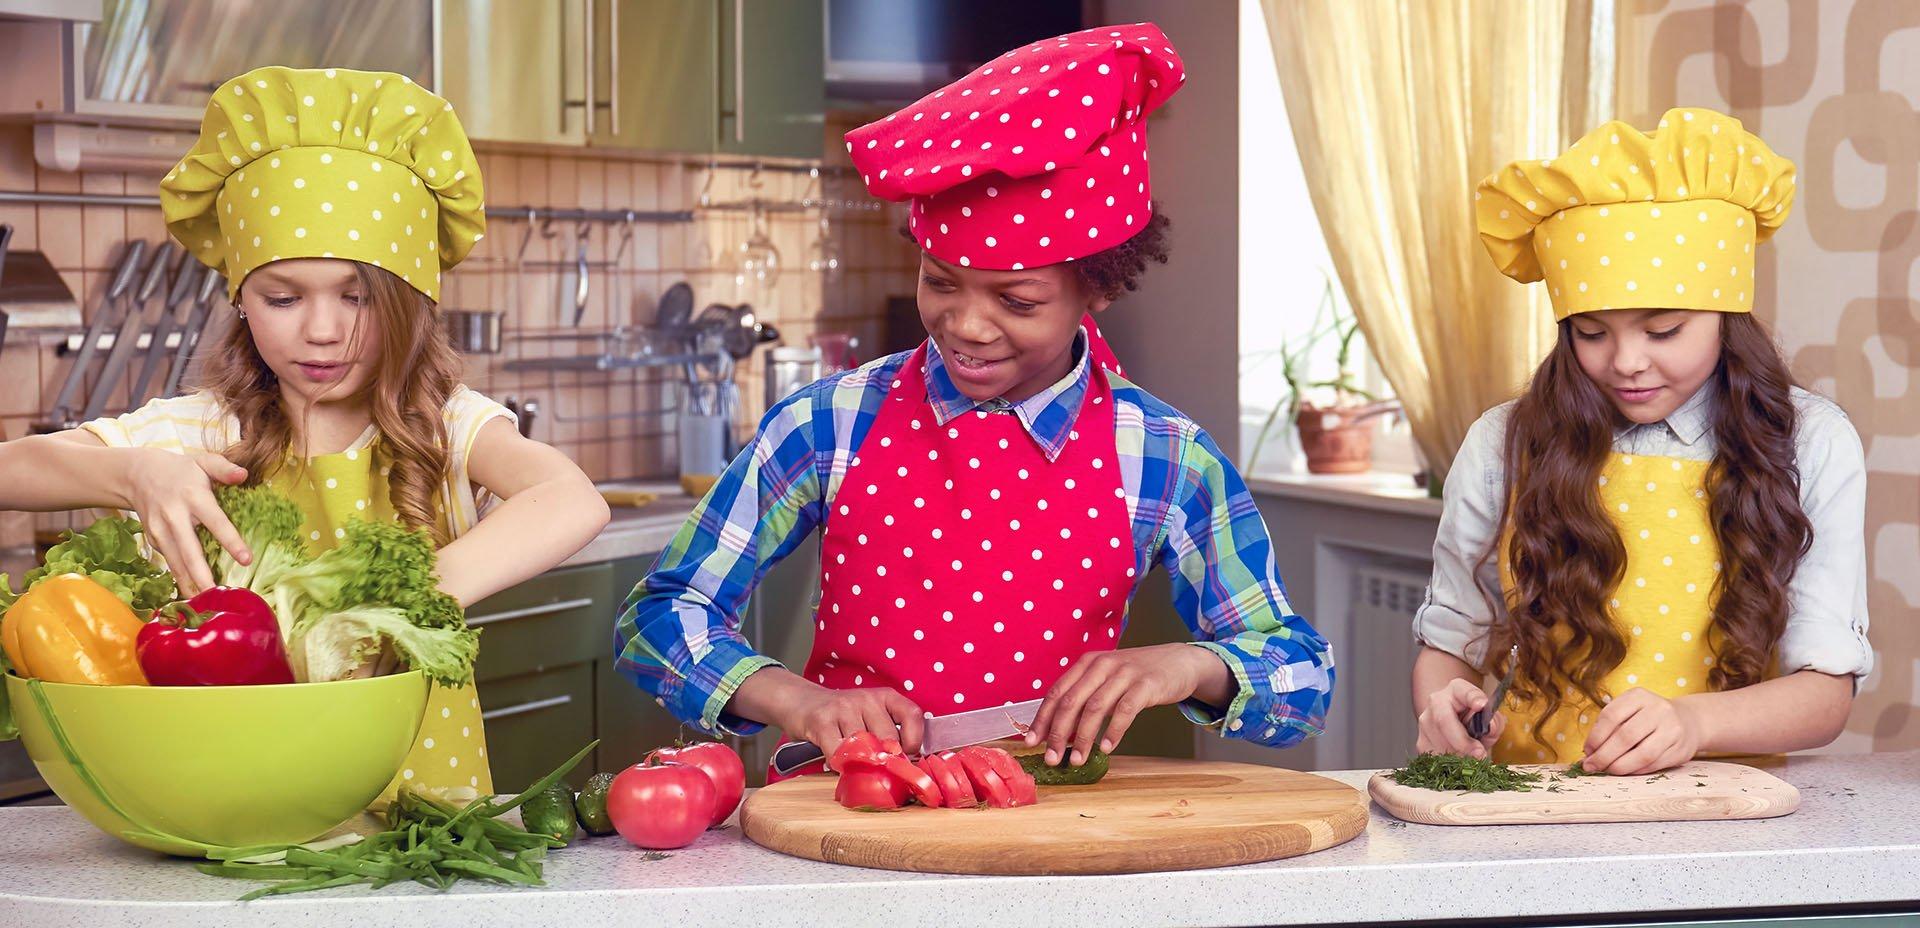 bambini preparano l'insalata